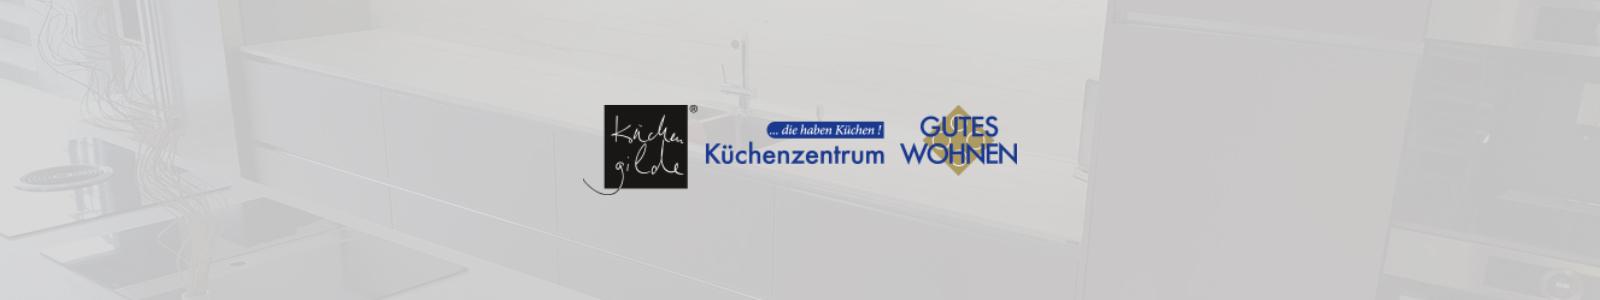 Küchenzentrum Gutes Wohnen Müller kuechenguide.com